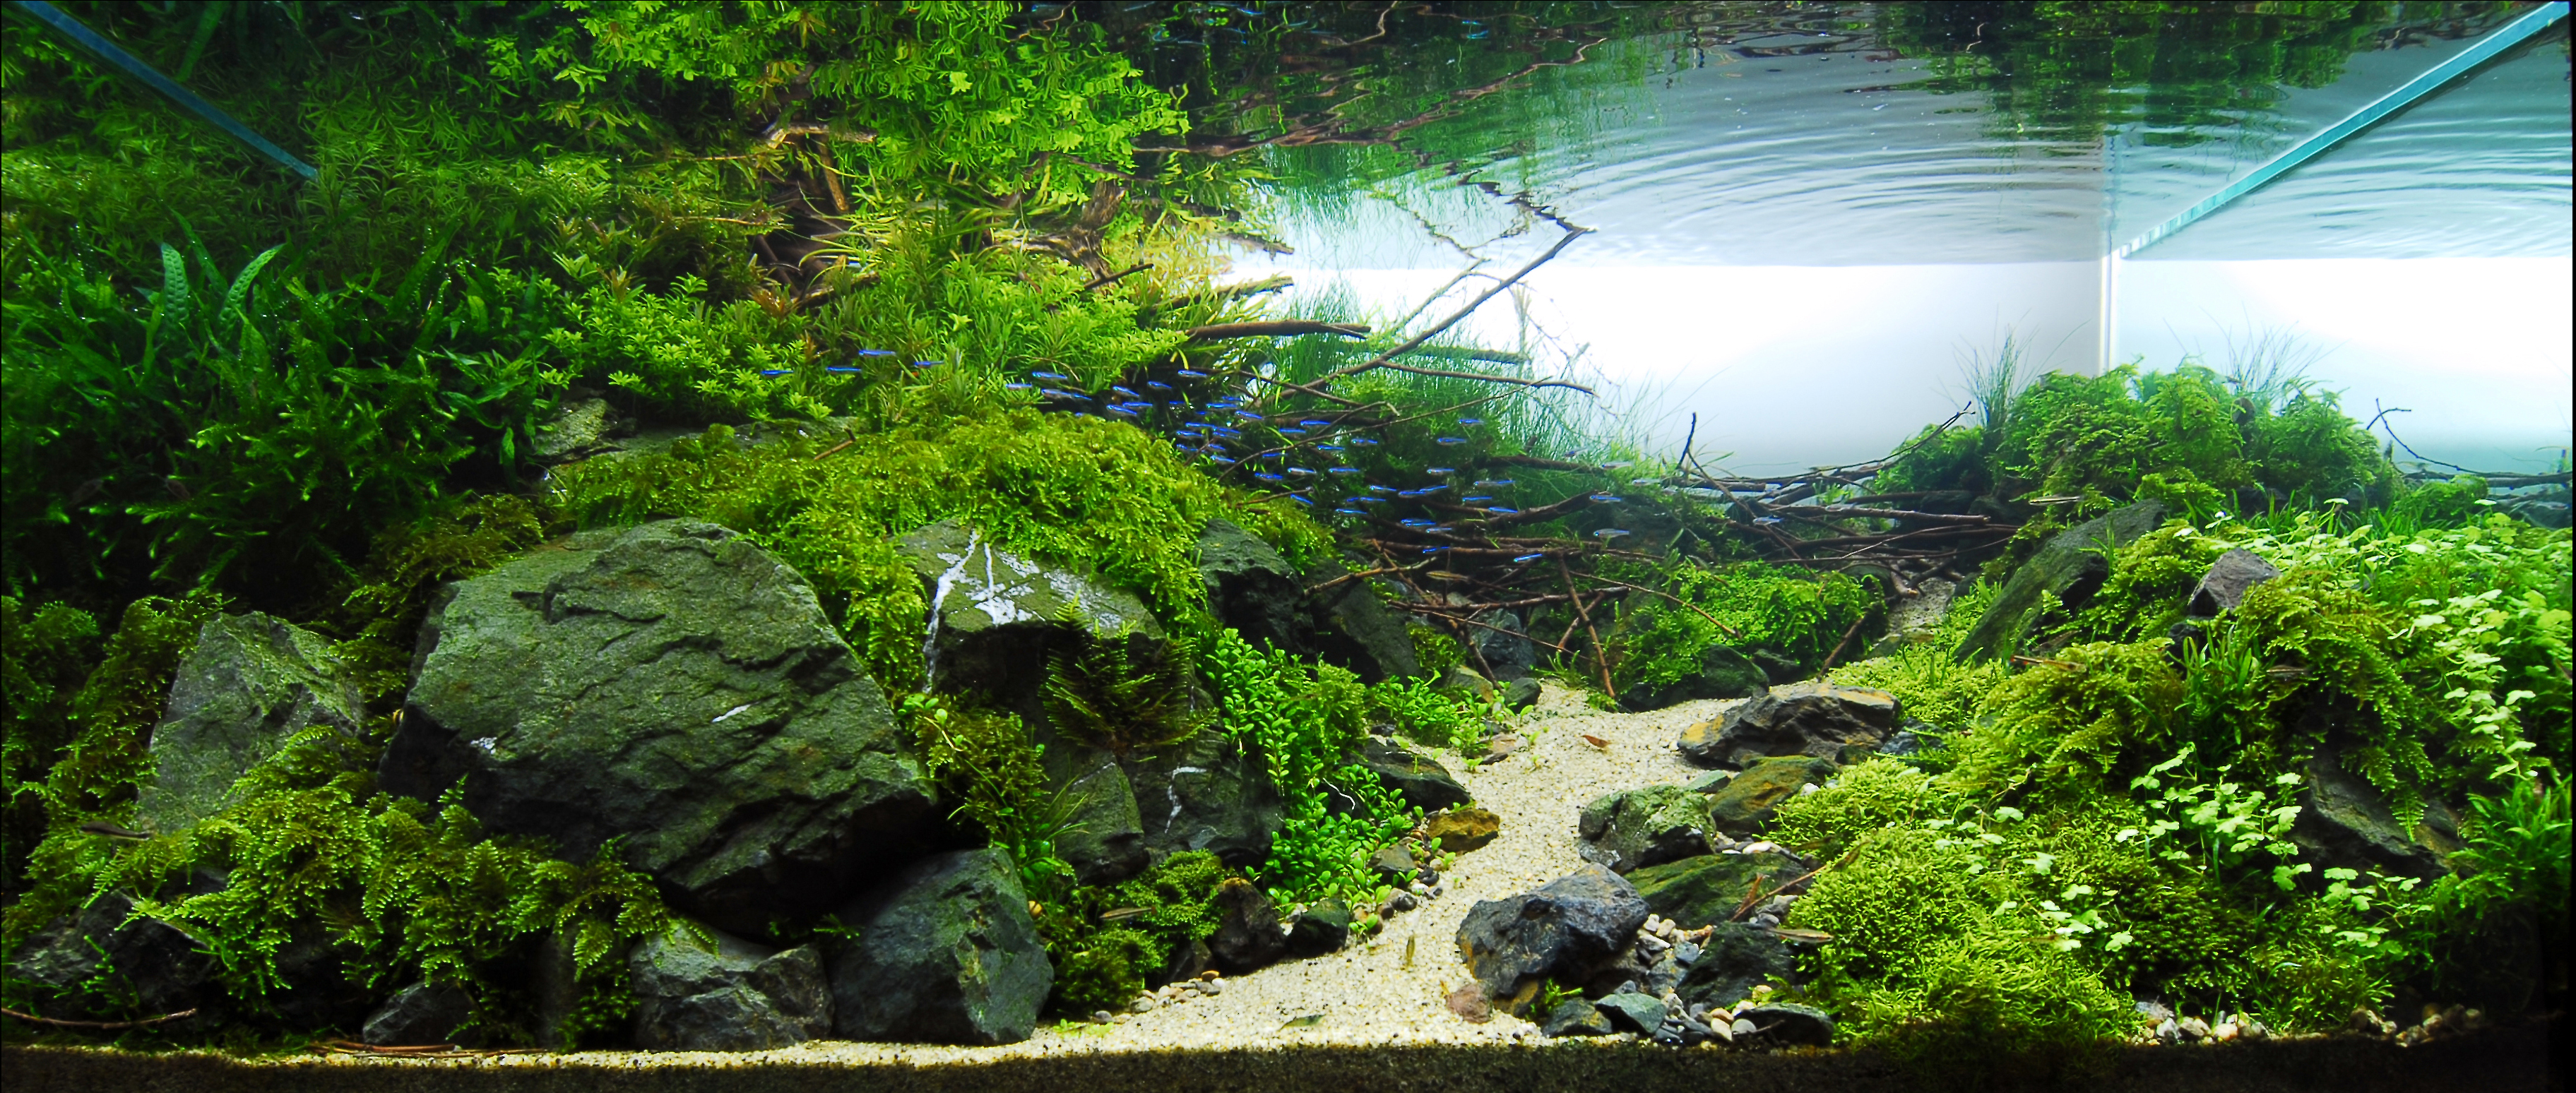 480l Und Was Machen Wir Jetzt Aquarienvorstellungen Aquascaping Aquarium